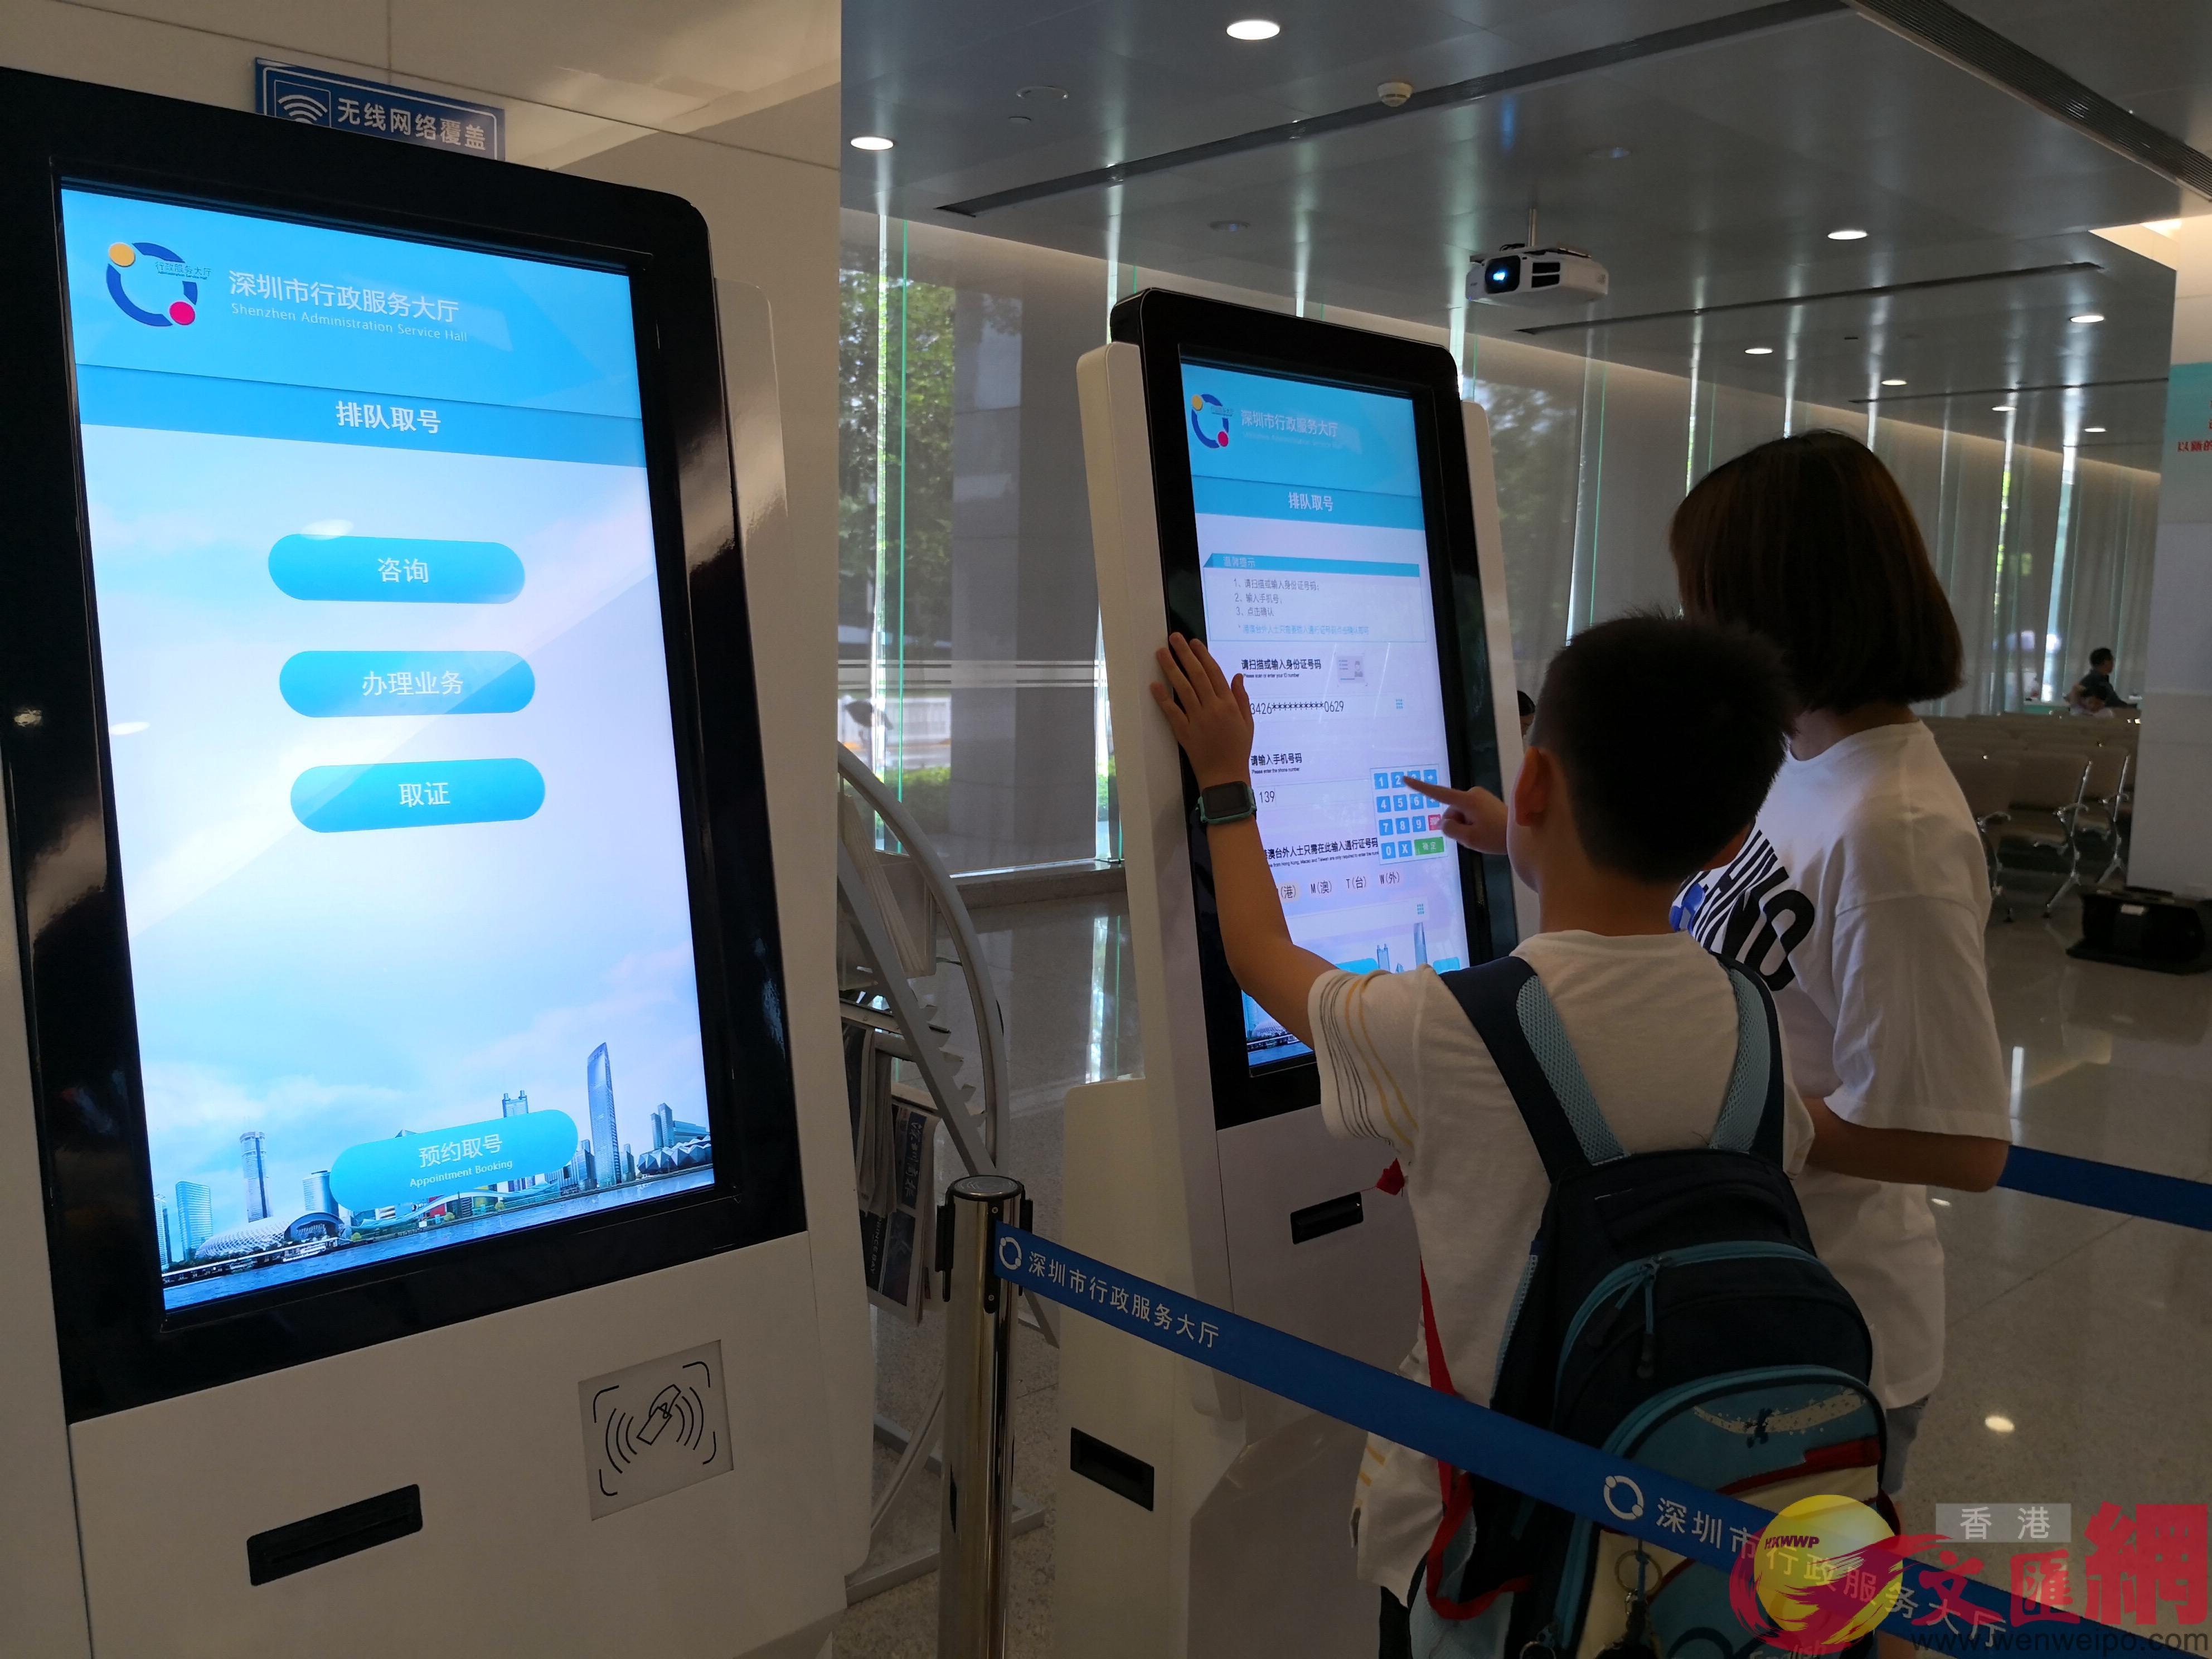 深圳市民中心辦證大廳自助服務機。(記者 郭若溪 攝)